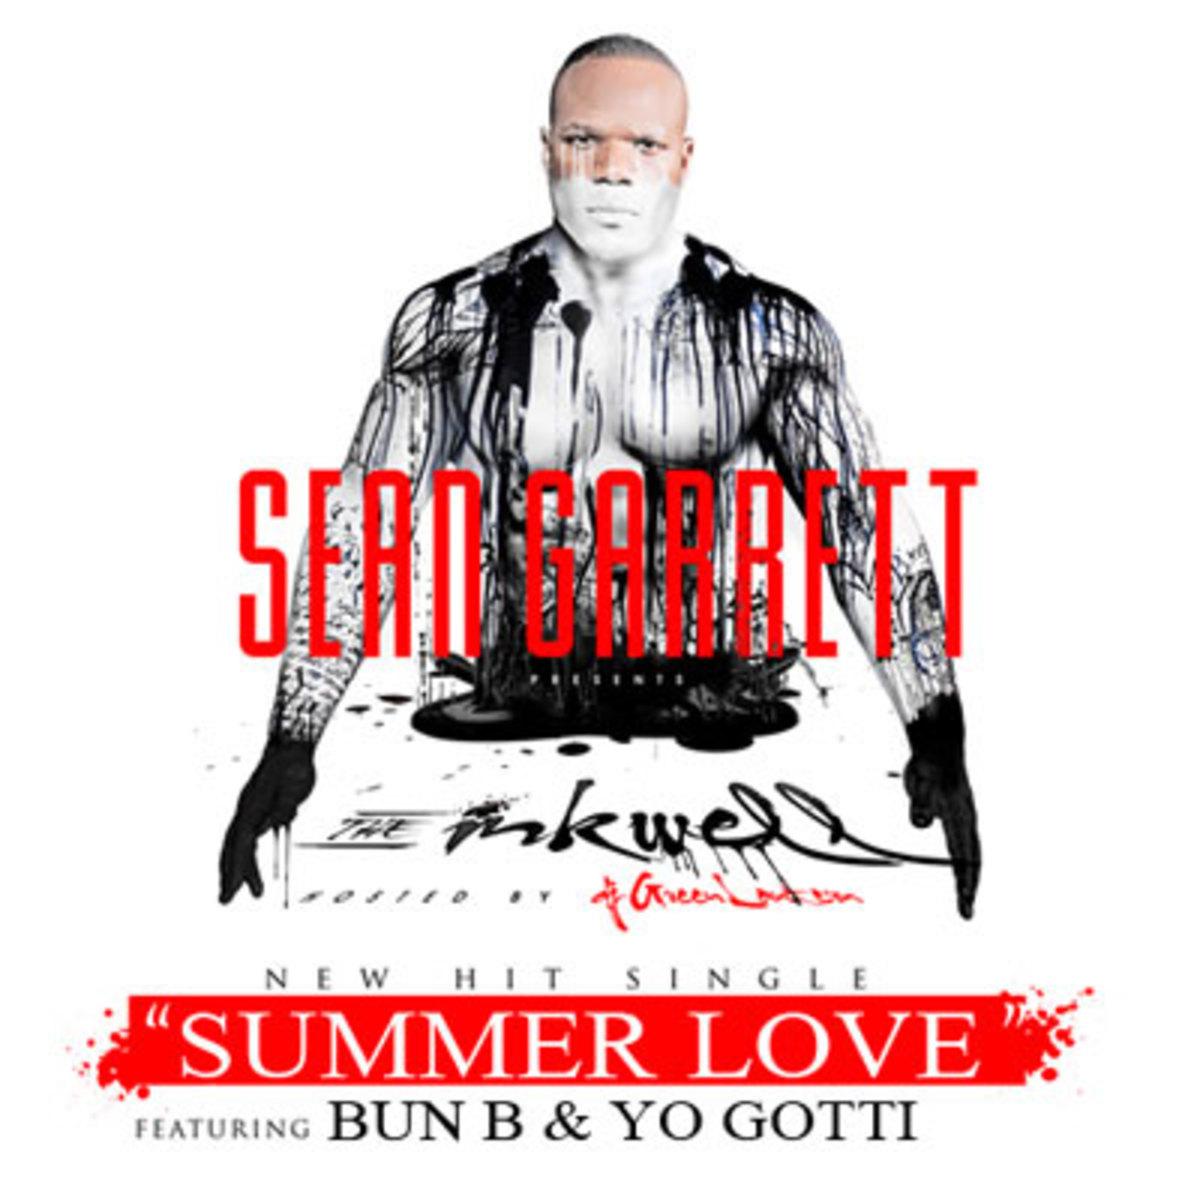 seangarrett-summerlove.jpg